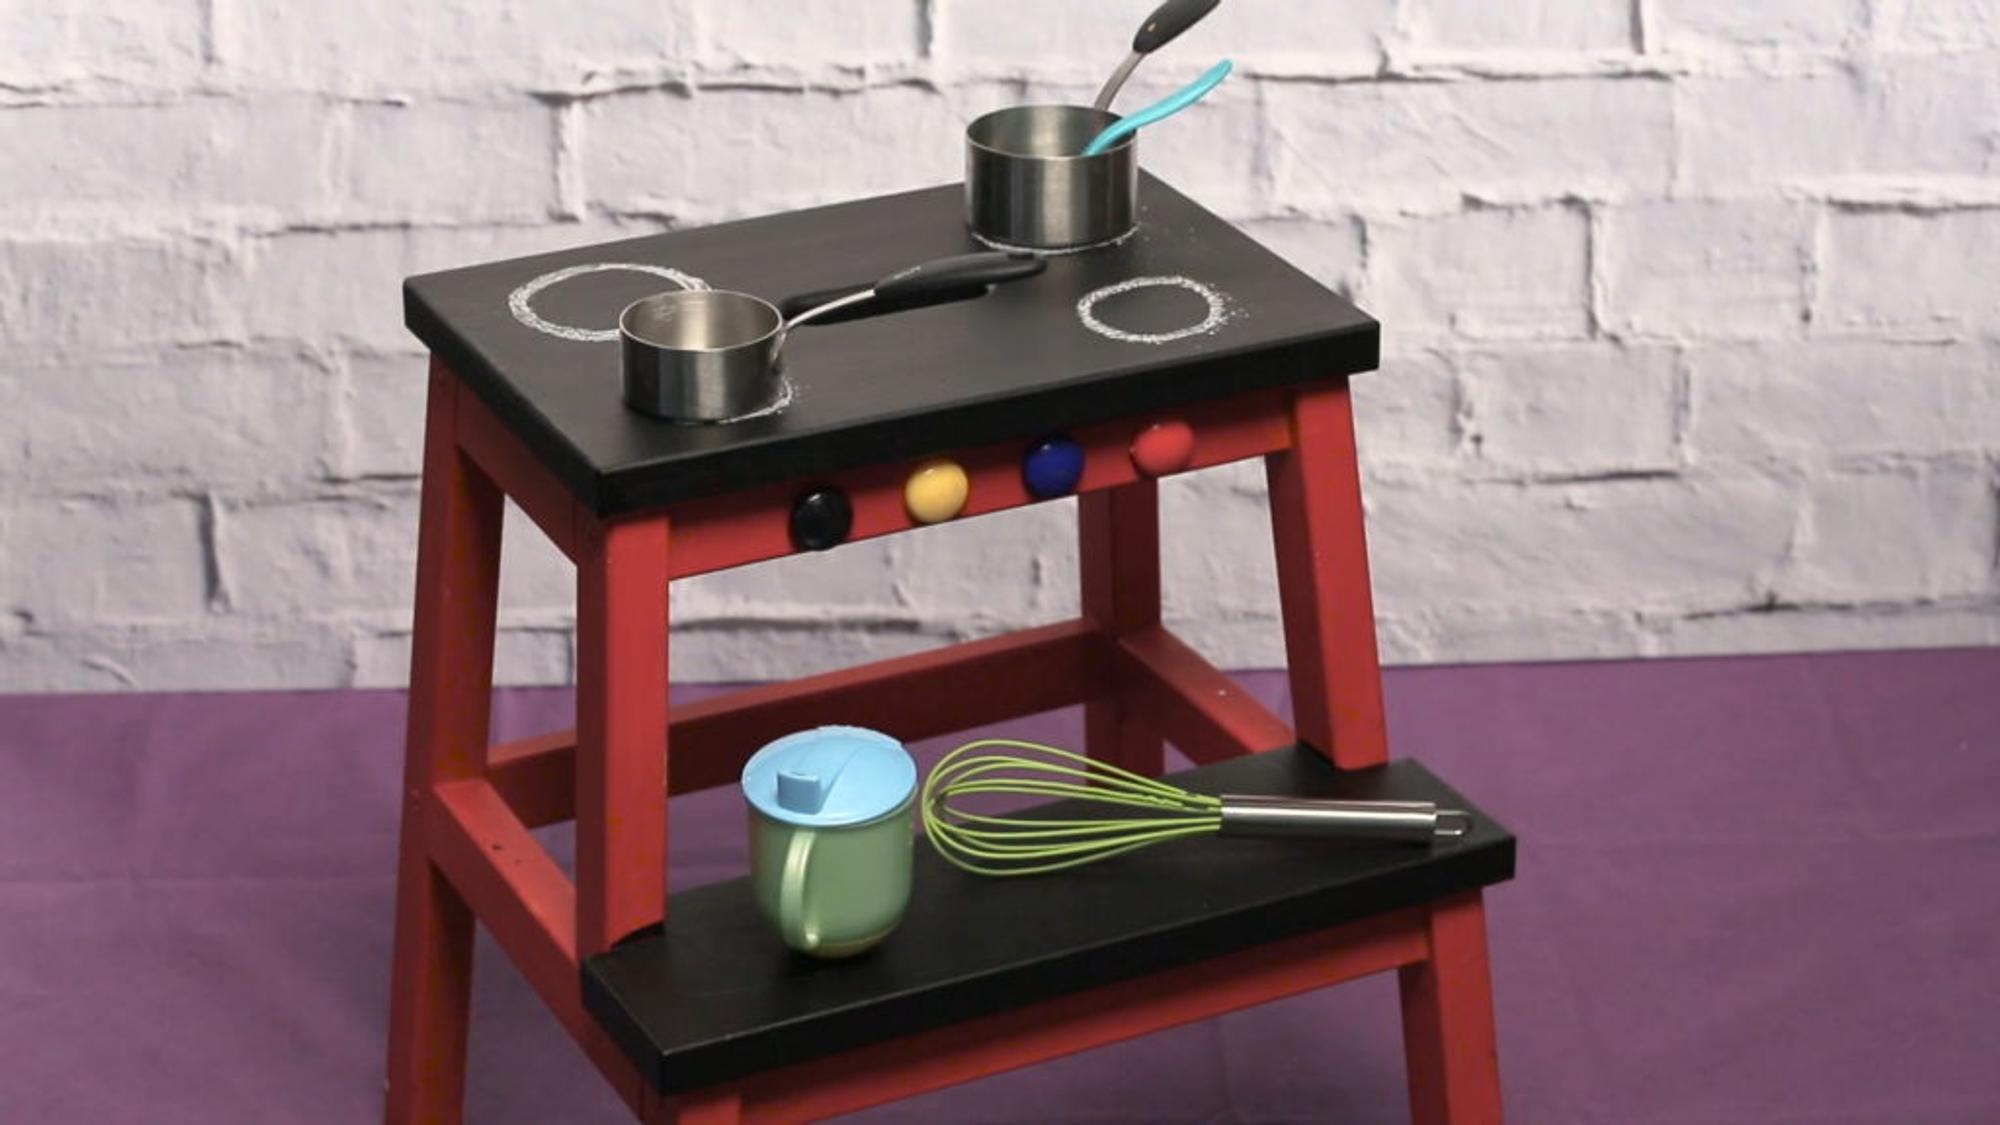 kinderk che selber bauen aus ikea hocker bekv m. Black Bedroom Furniture Sets. Home Design Ideas